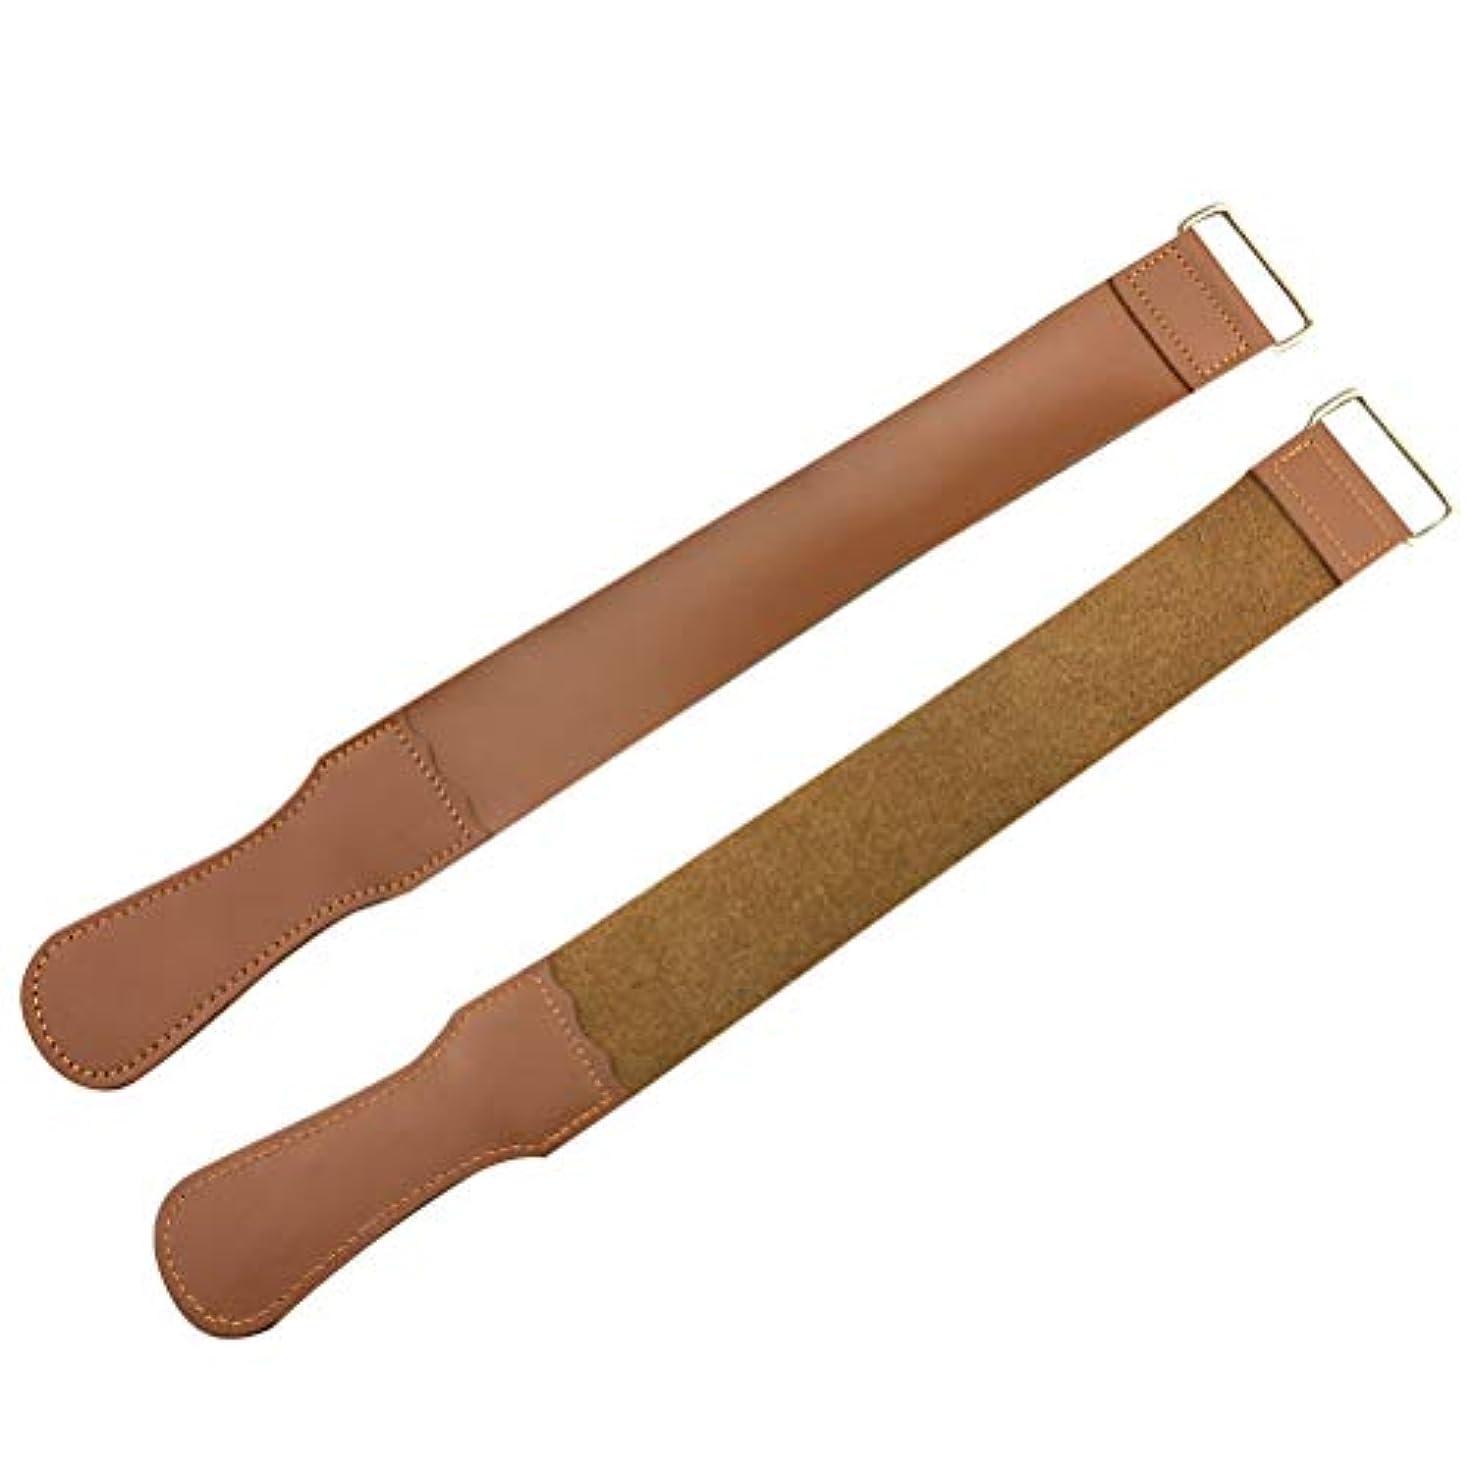 辛な返済ハンディキャップSUPVOX 2ピースストレートカミソリストラップ純粋な革研ぎストラップナイフ研ぎベルトシャープナー用折りたたみストレートかみそりシェービングナイフ